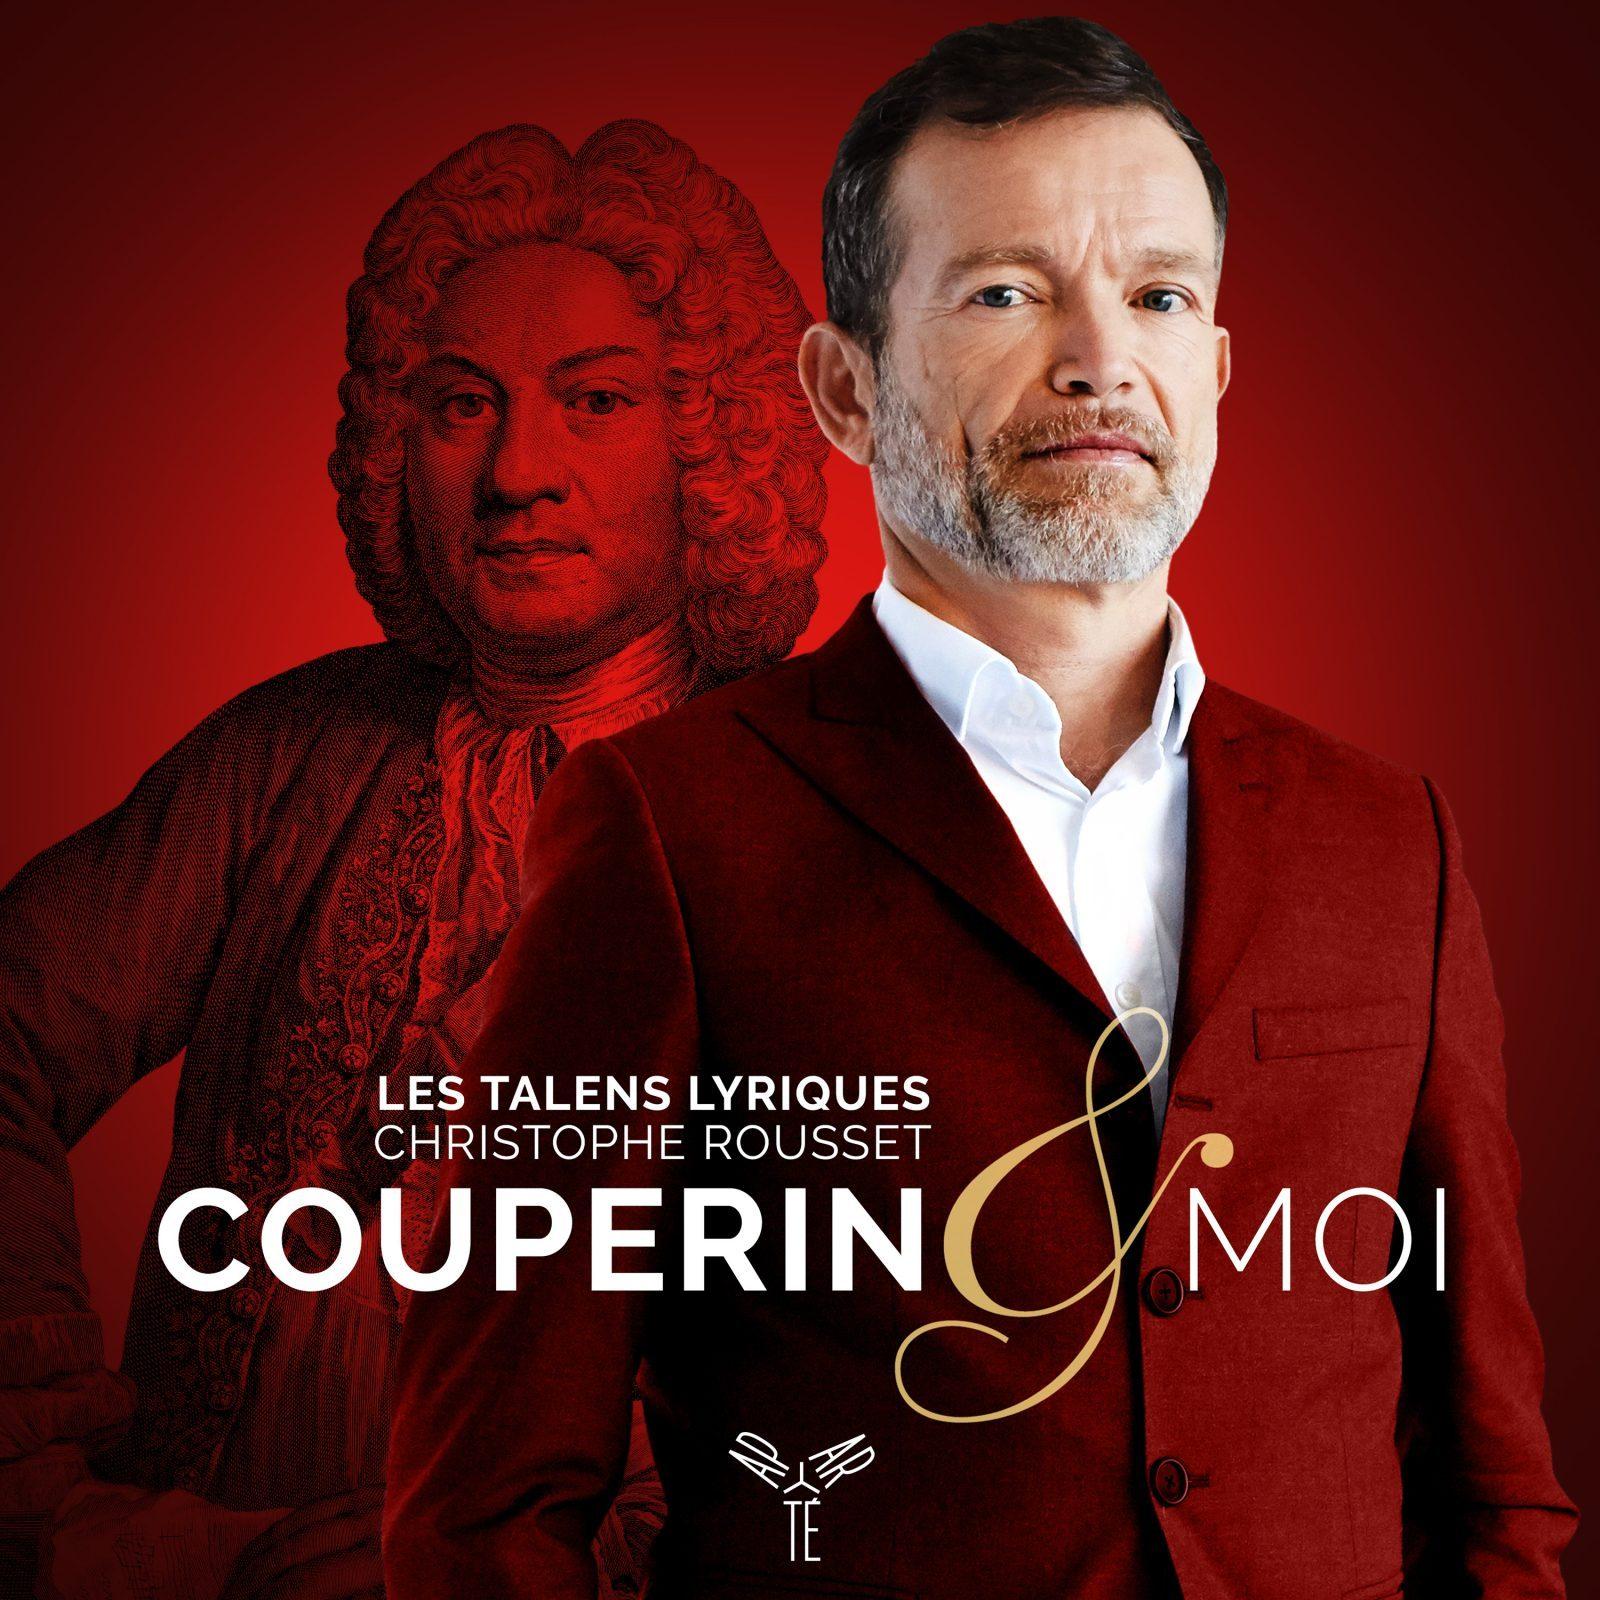 Couperin & Moi